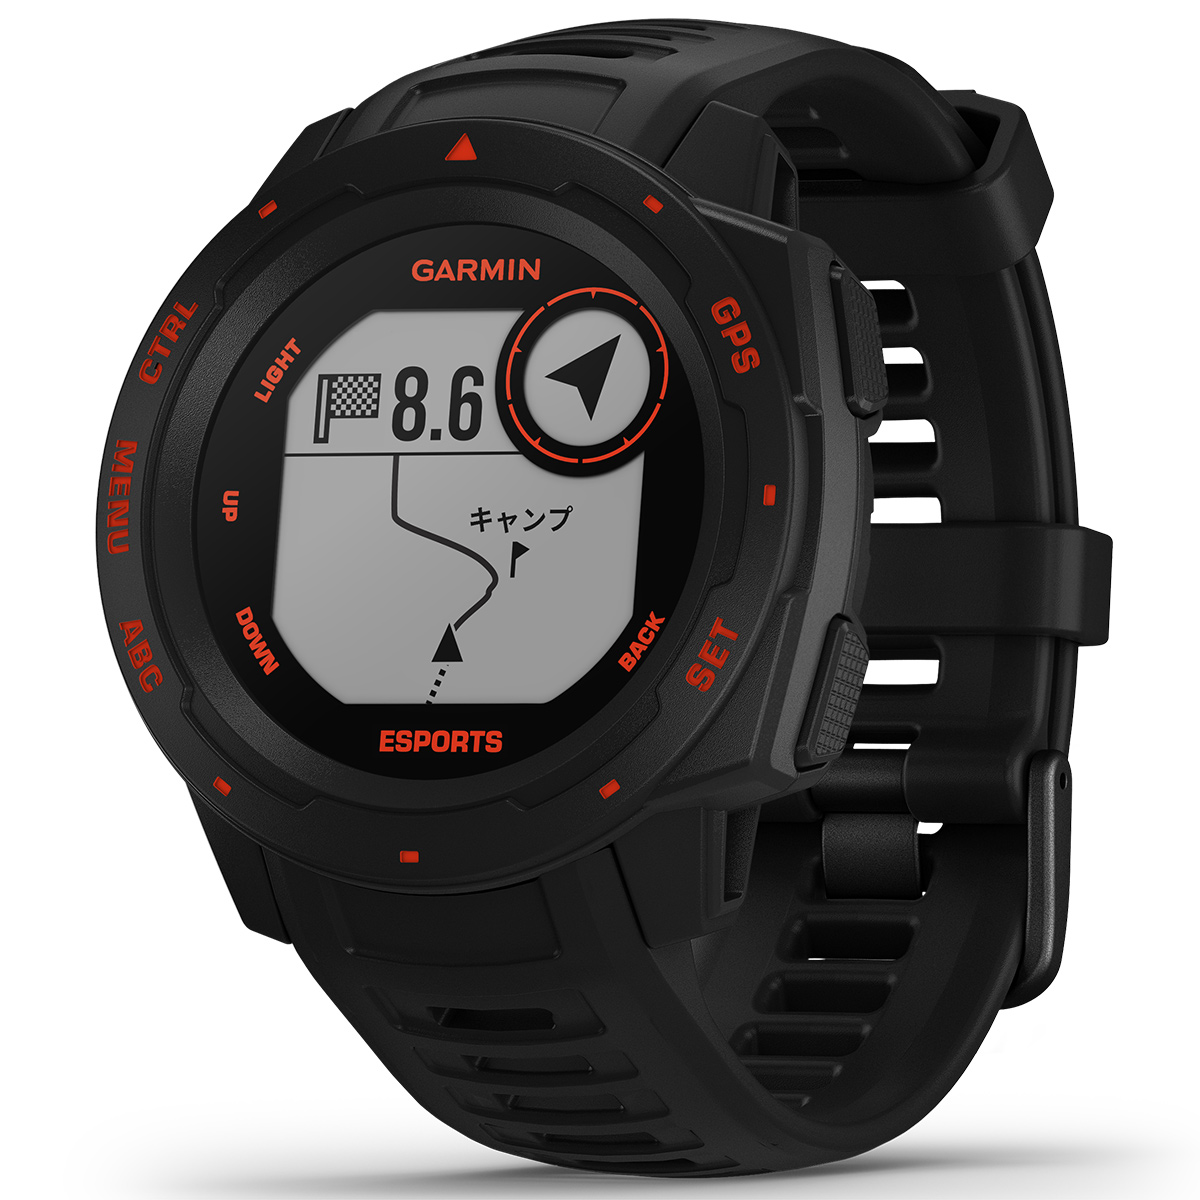 ガーミン GARMIN インスティンクト eスポーツ エディション Instinct Esports Edition GPS スマートウォッチ ウェアラブル 腕時計 メンズ レディース 010-02064-76